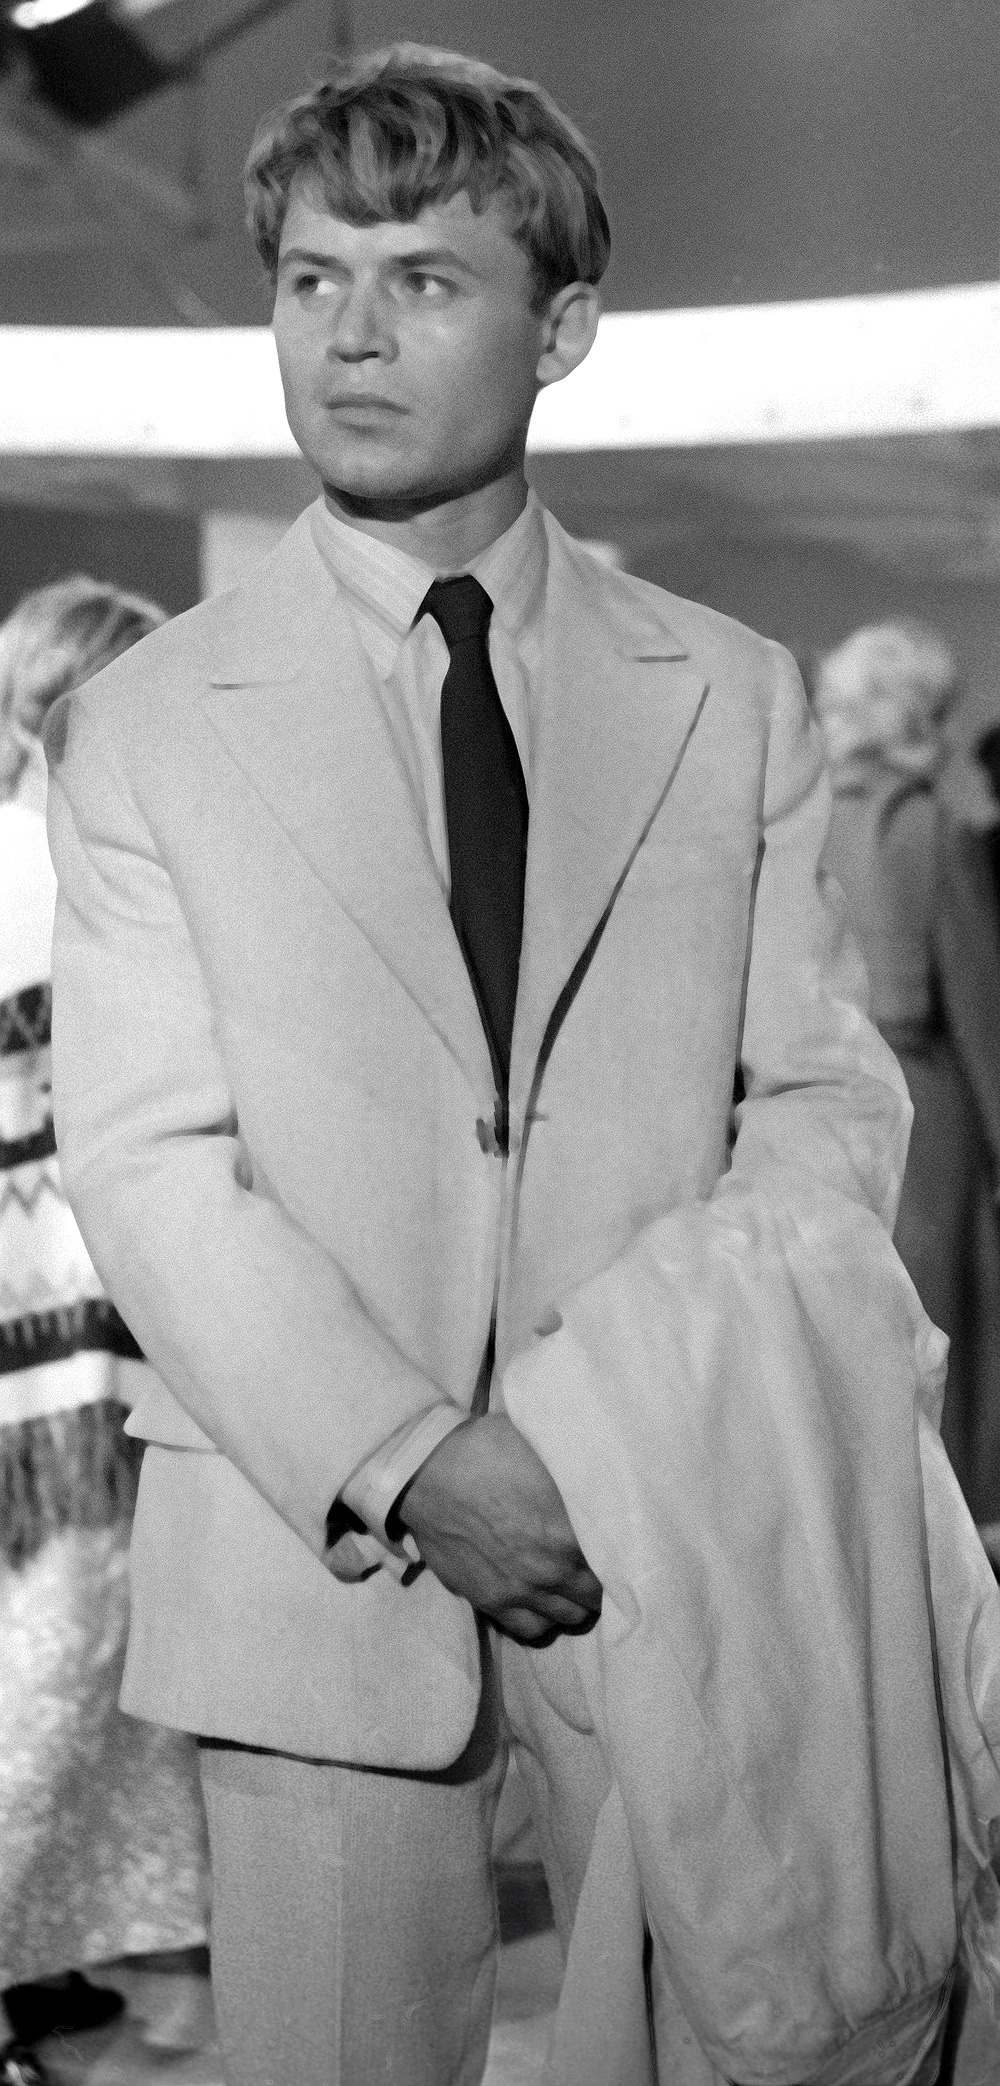 Сергей Никоненко в роли Сергея Есенина в фильме «Сергей Есенин», 1971 год